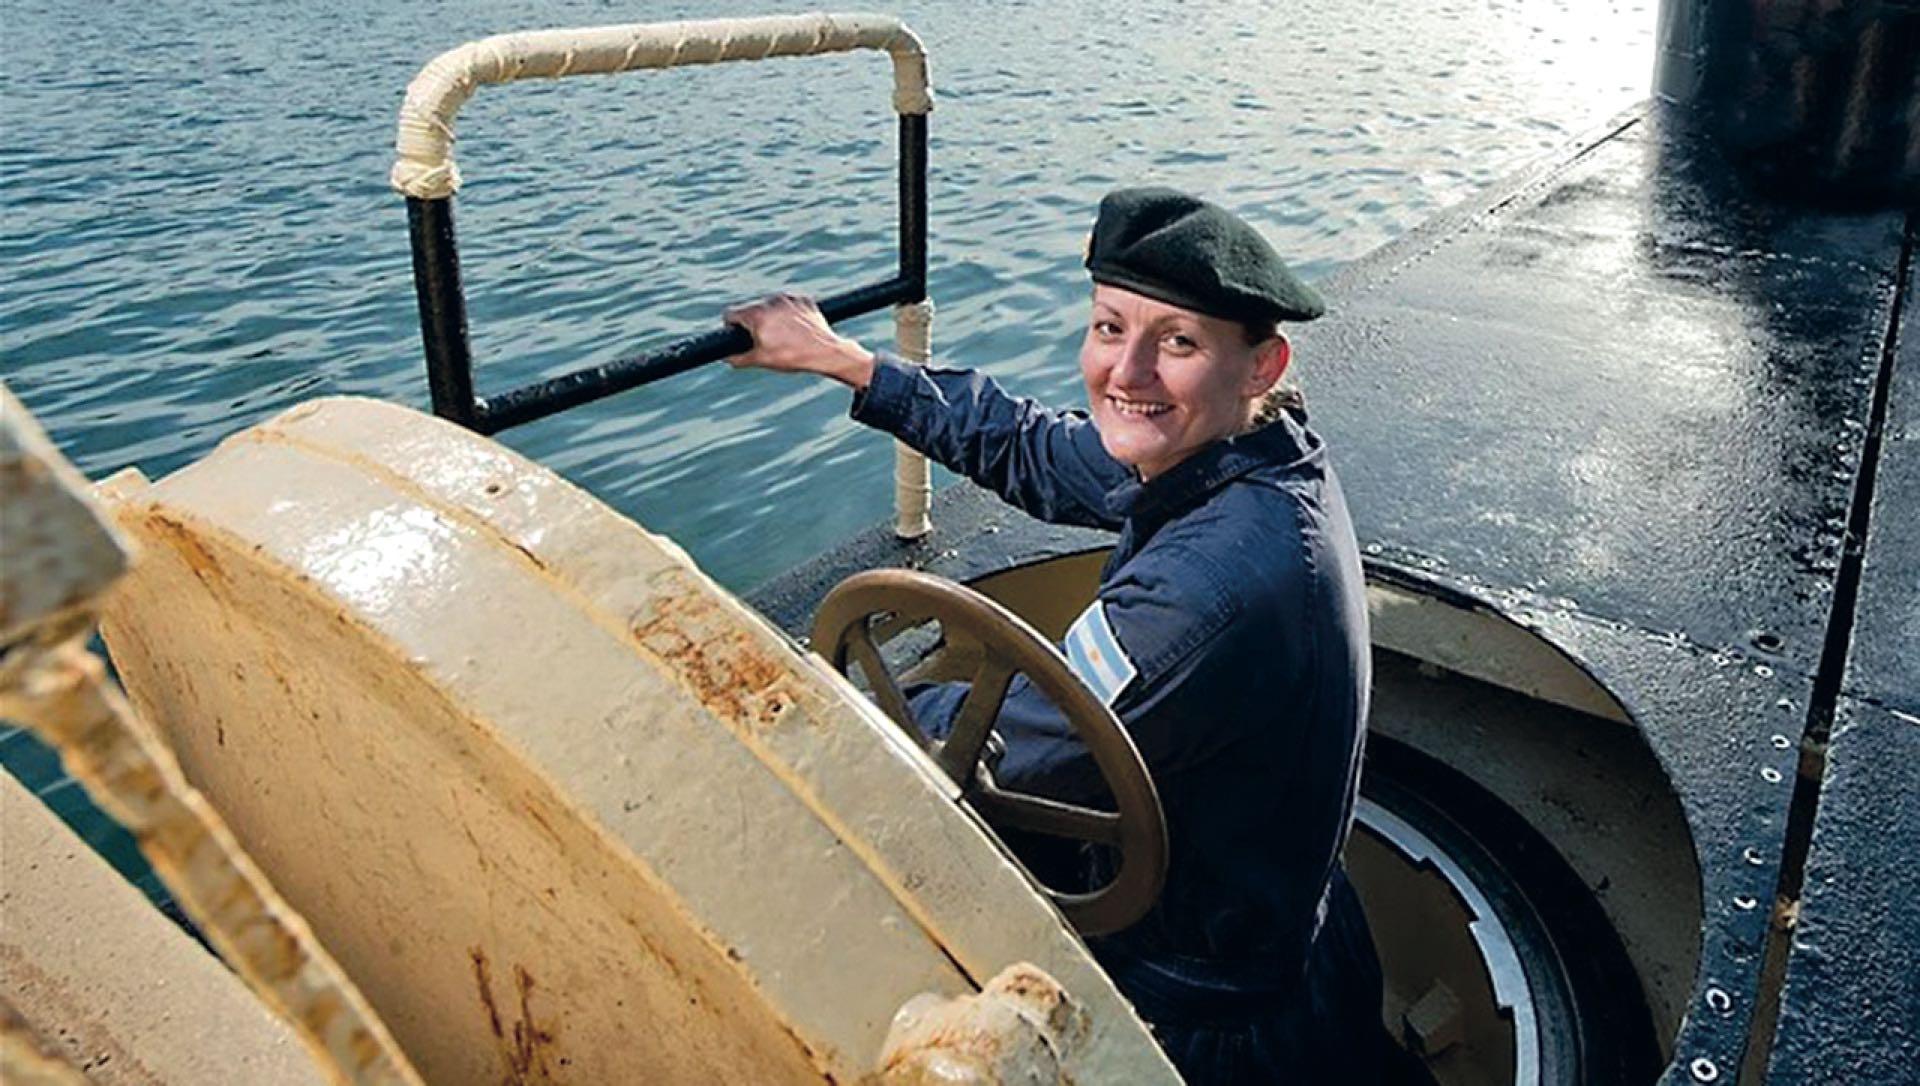 # PARA TI - SUBMARINISTA - News - en el submarino - 20171201